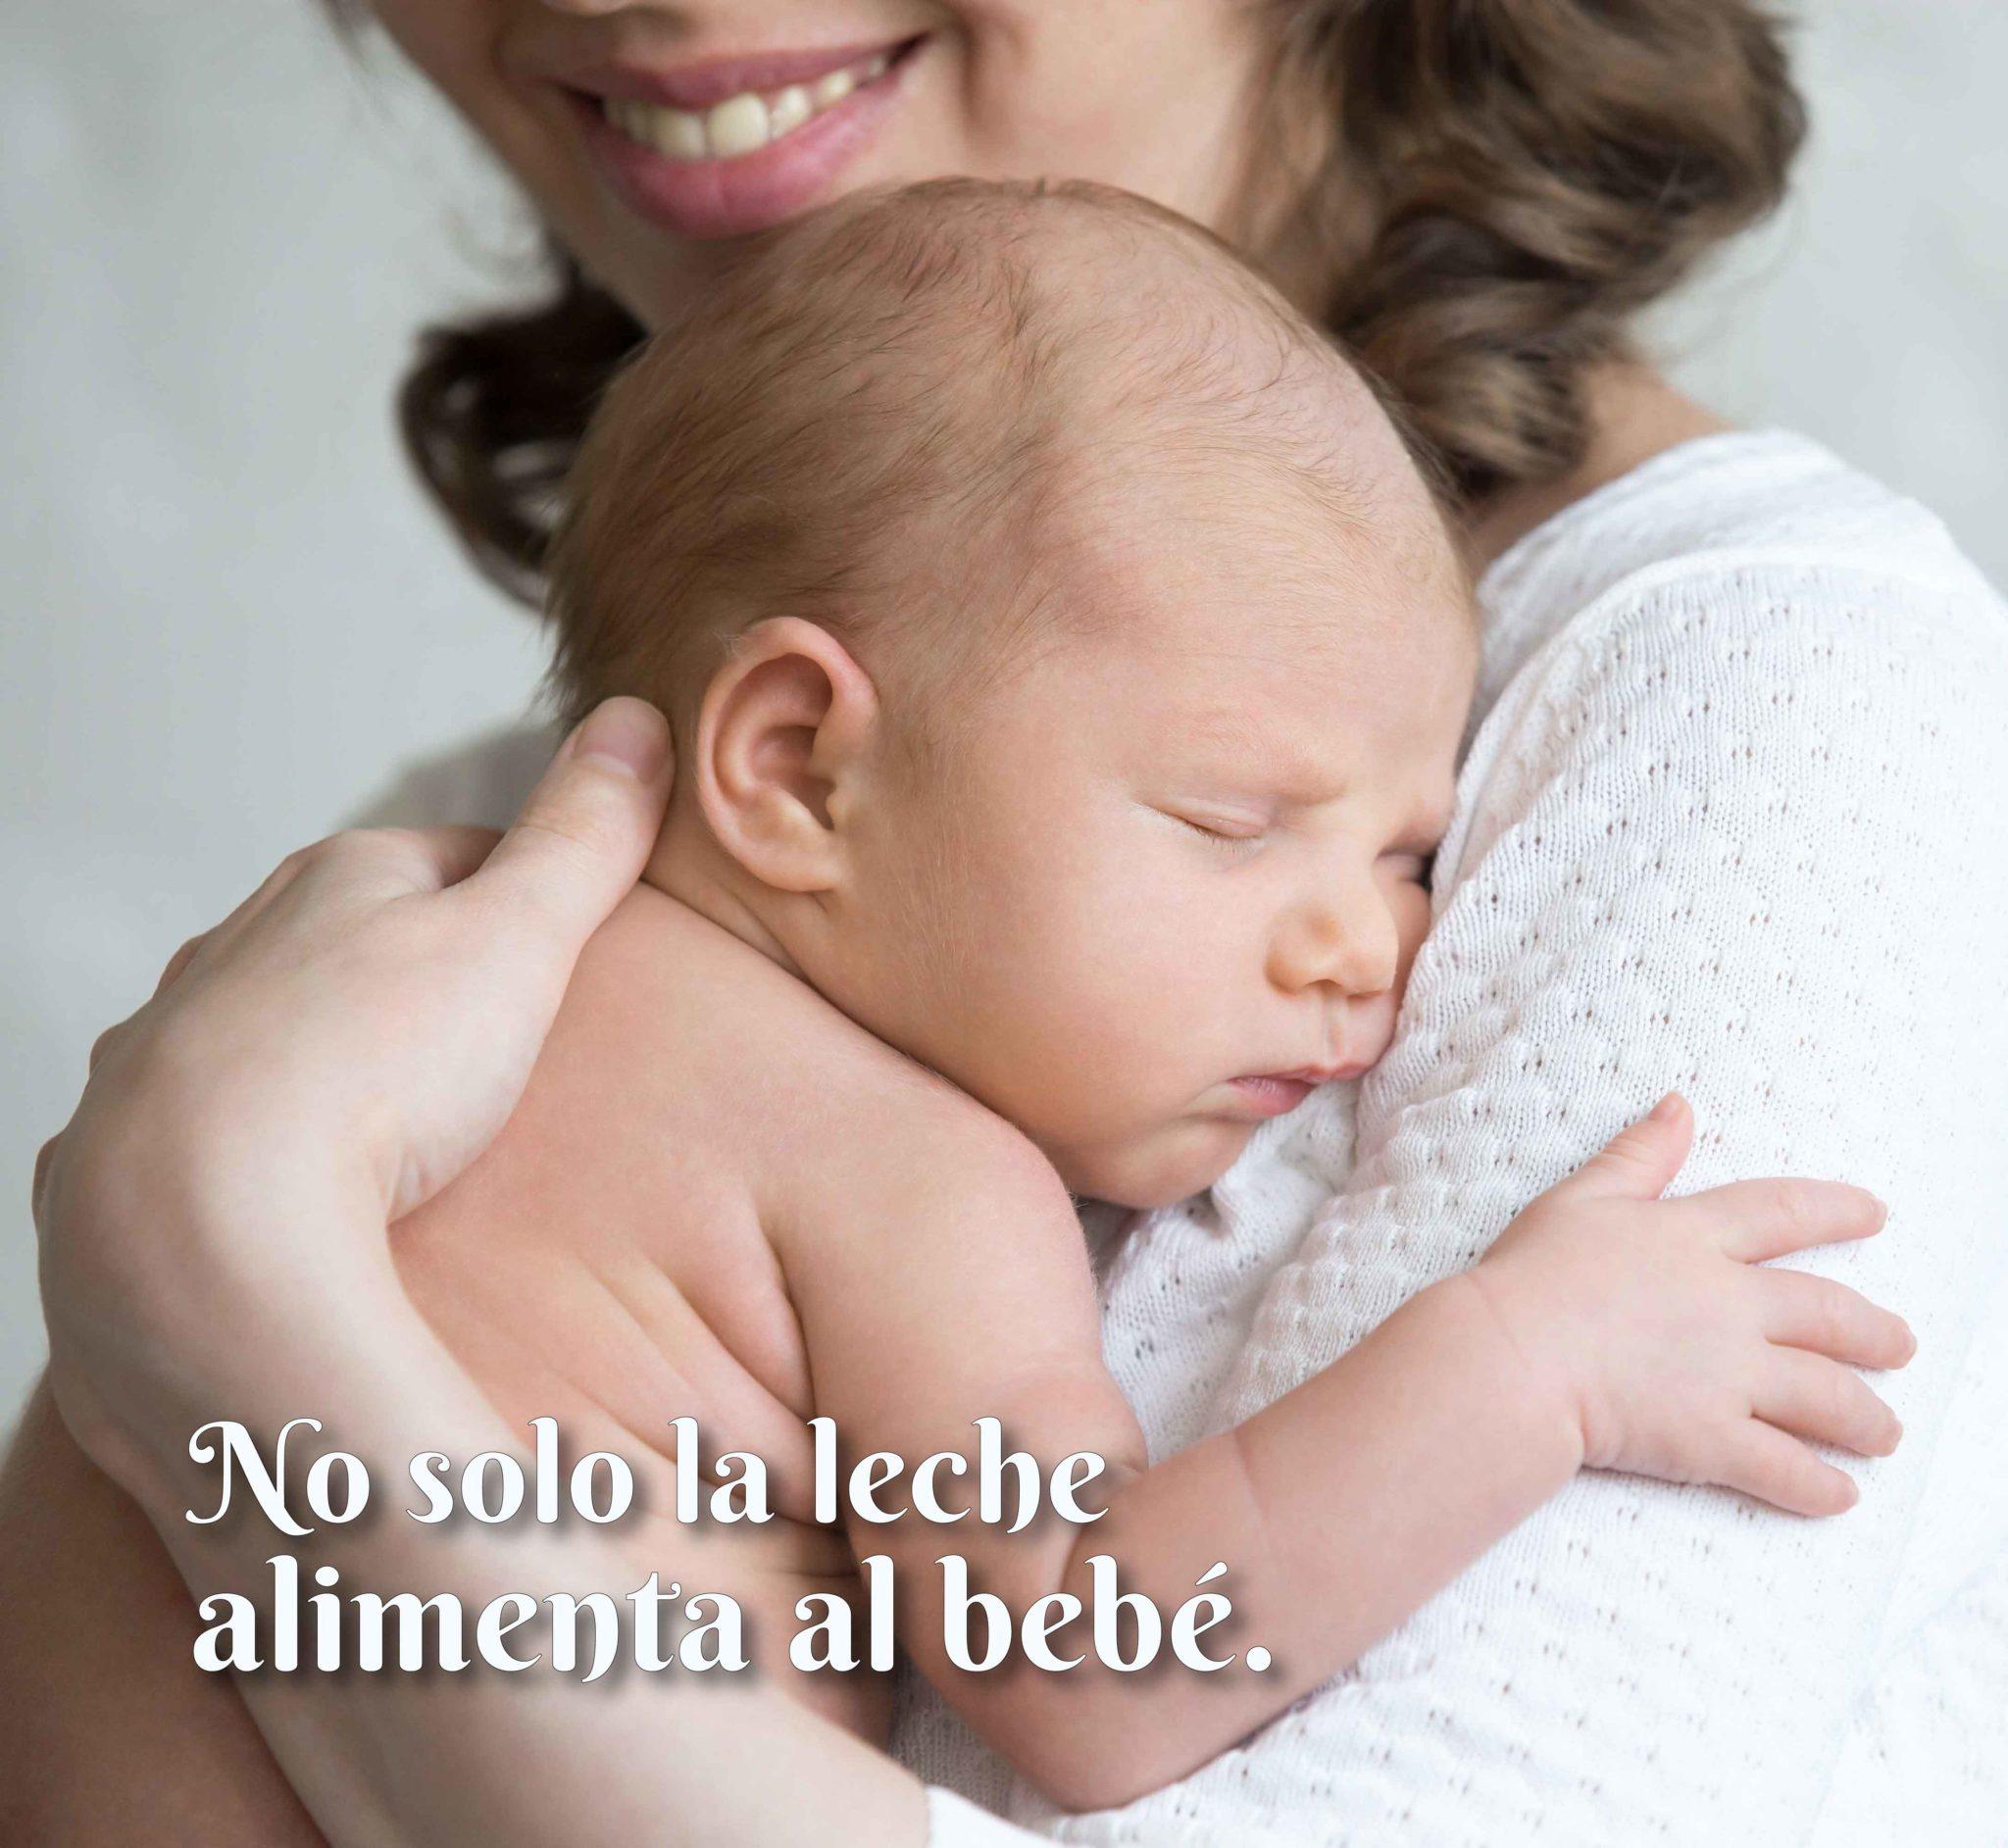 No sólo la leche alimenta al bebé